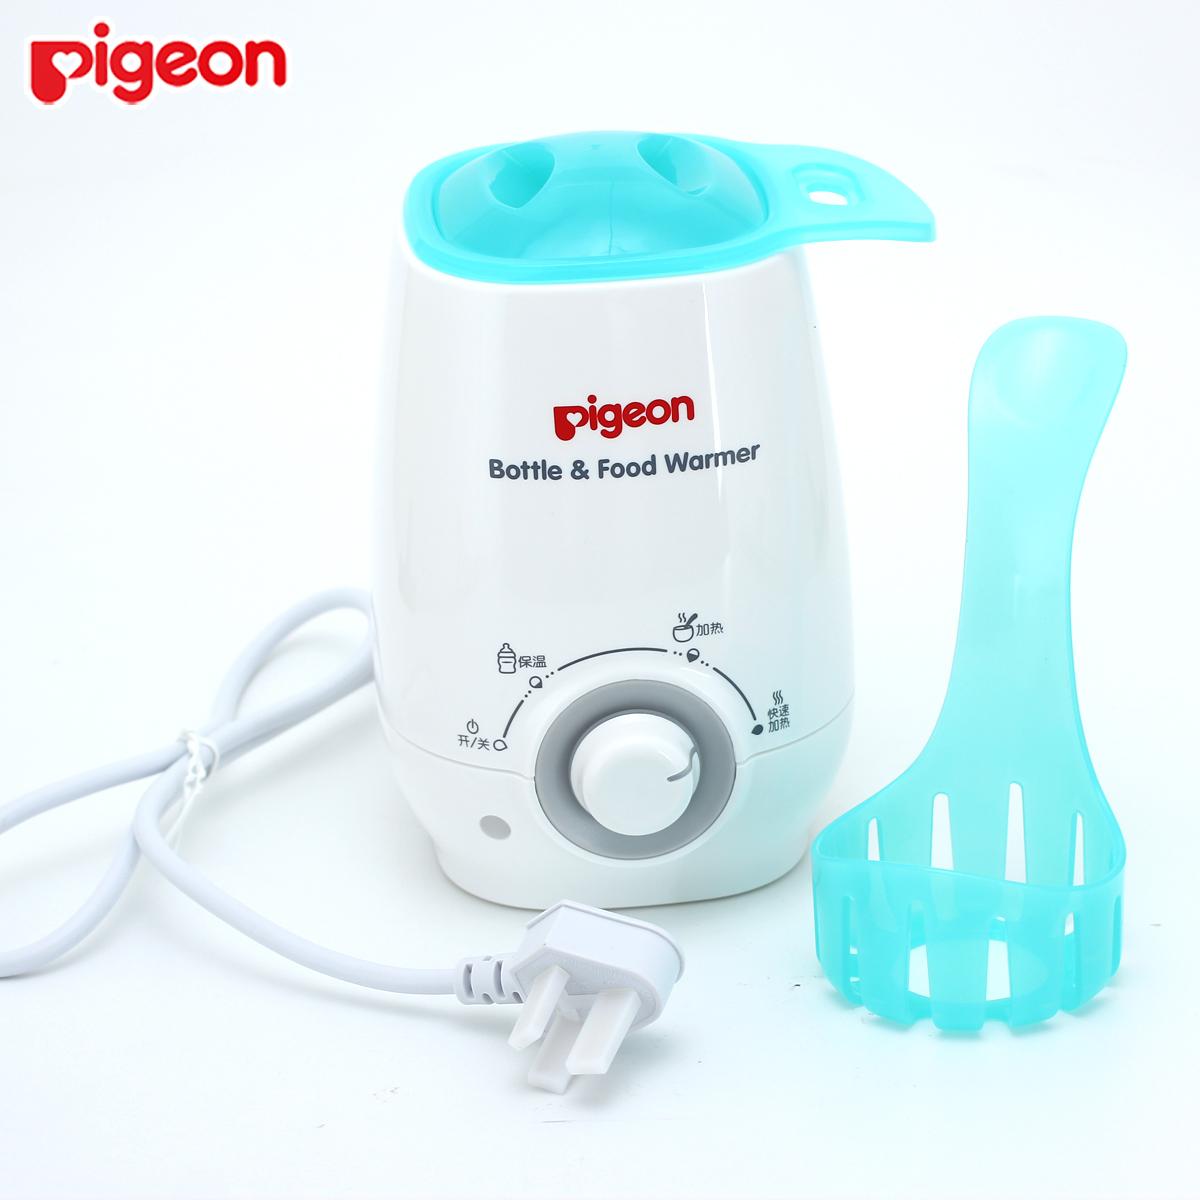 贝亲多功能暖奶器 宝宝奶瓶加热保温器 婴儿恒温热奶辅食RA09